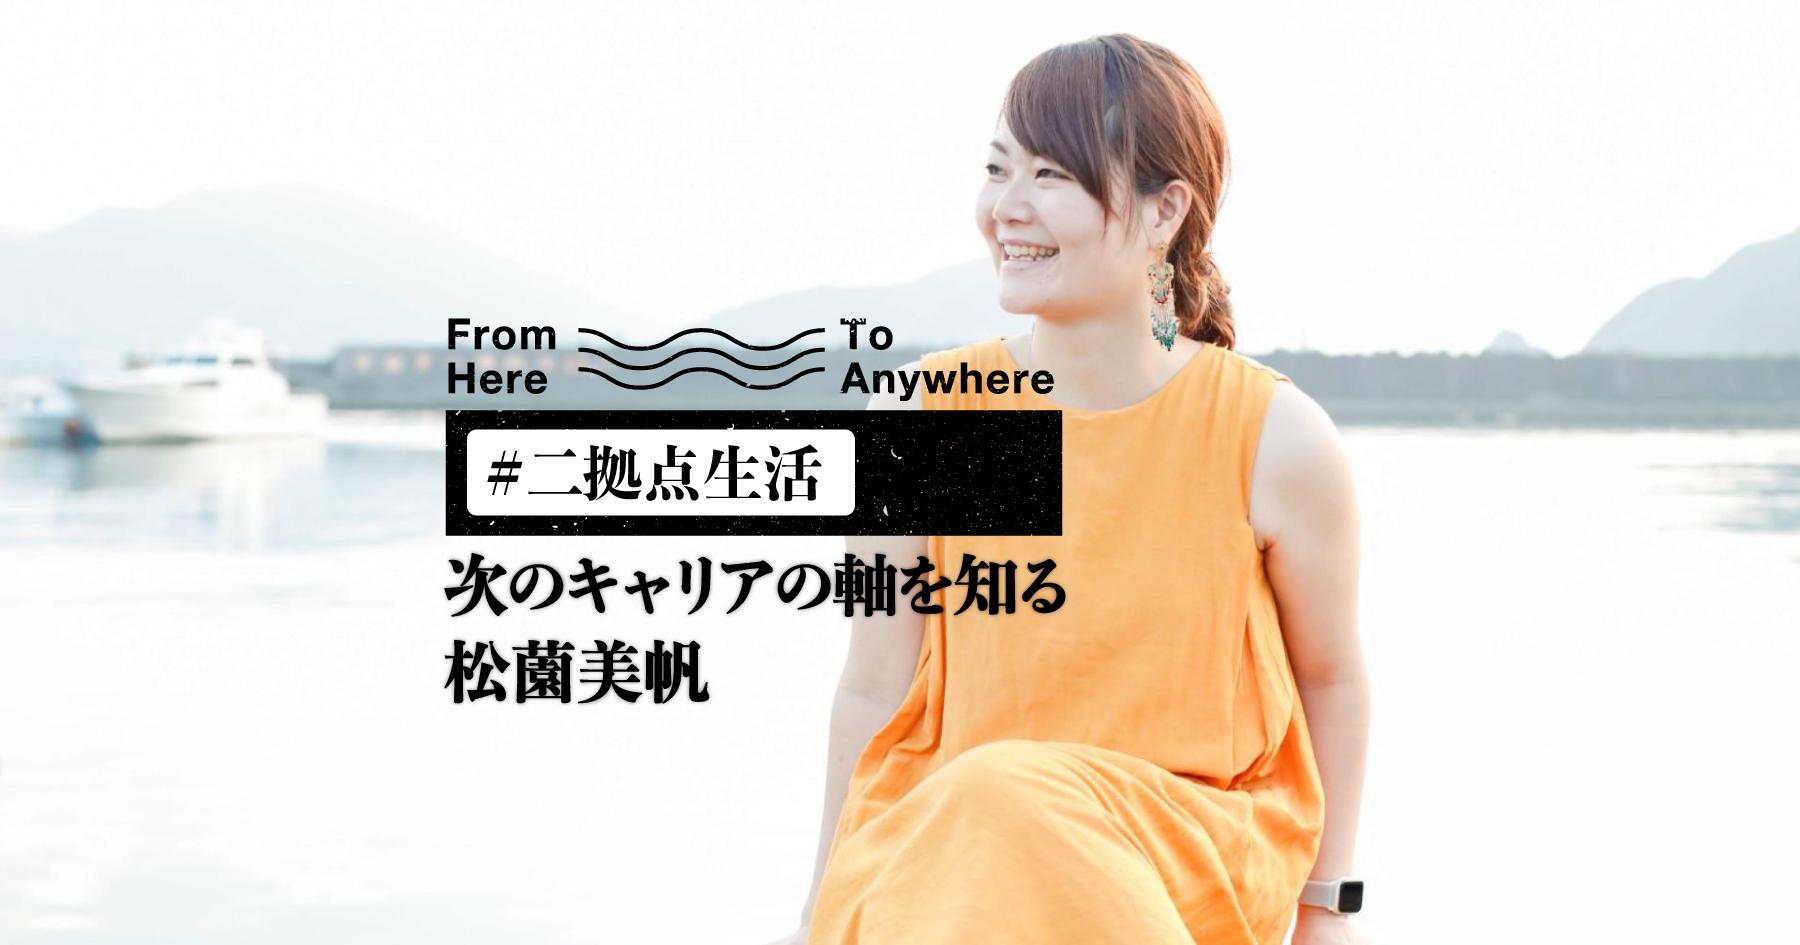 松薗美帆さんOGP